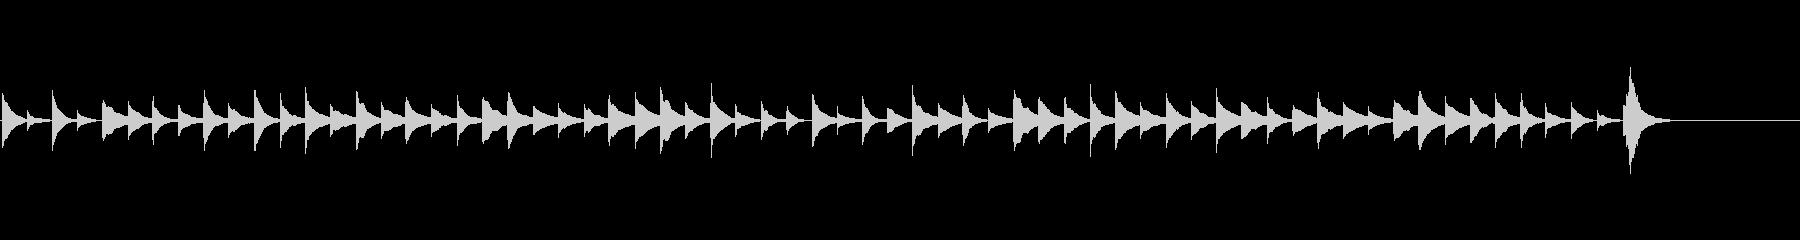 オルゴールを使ったノスタルジックな思い出の未再生の波形